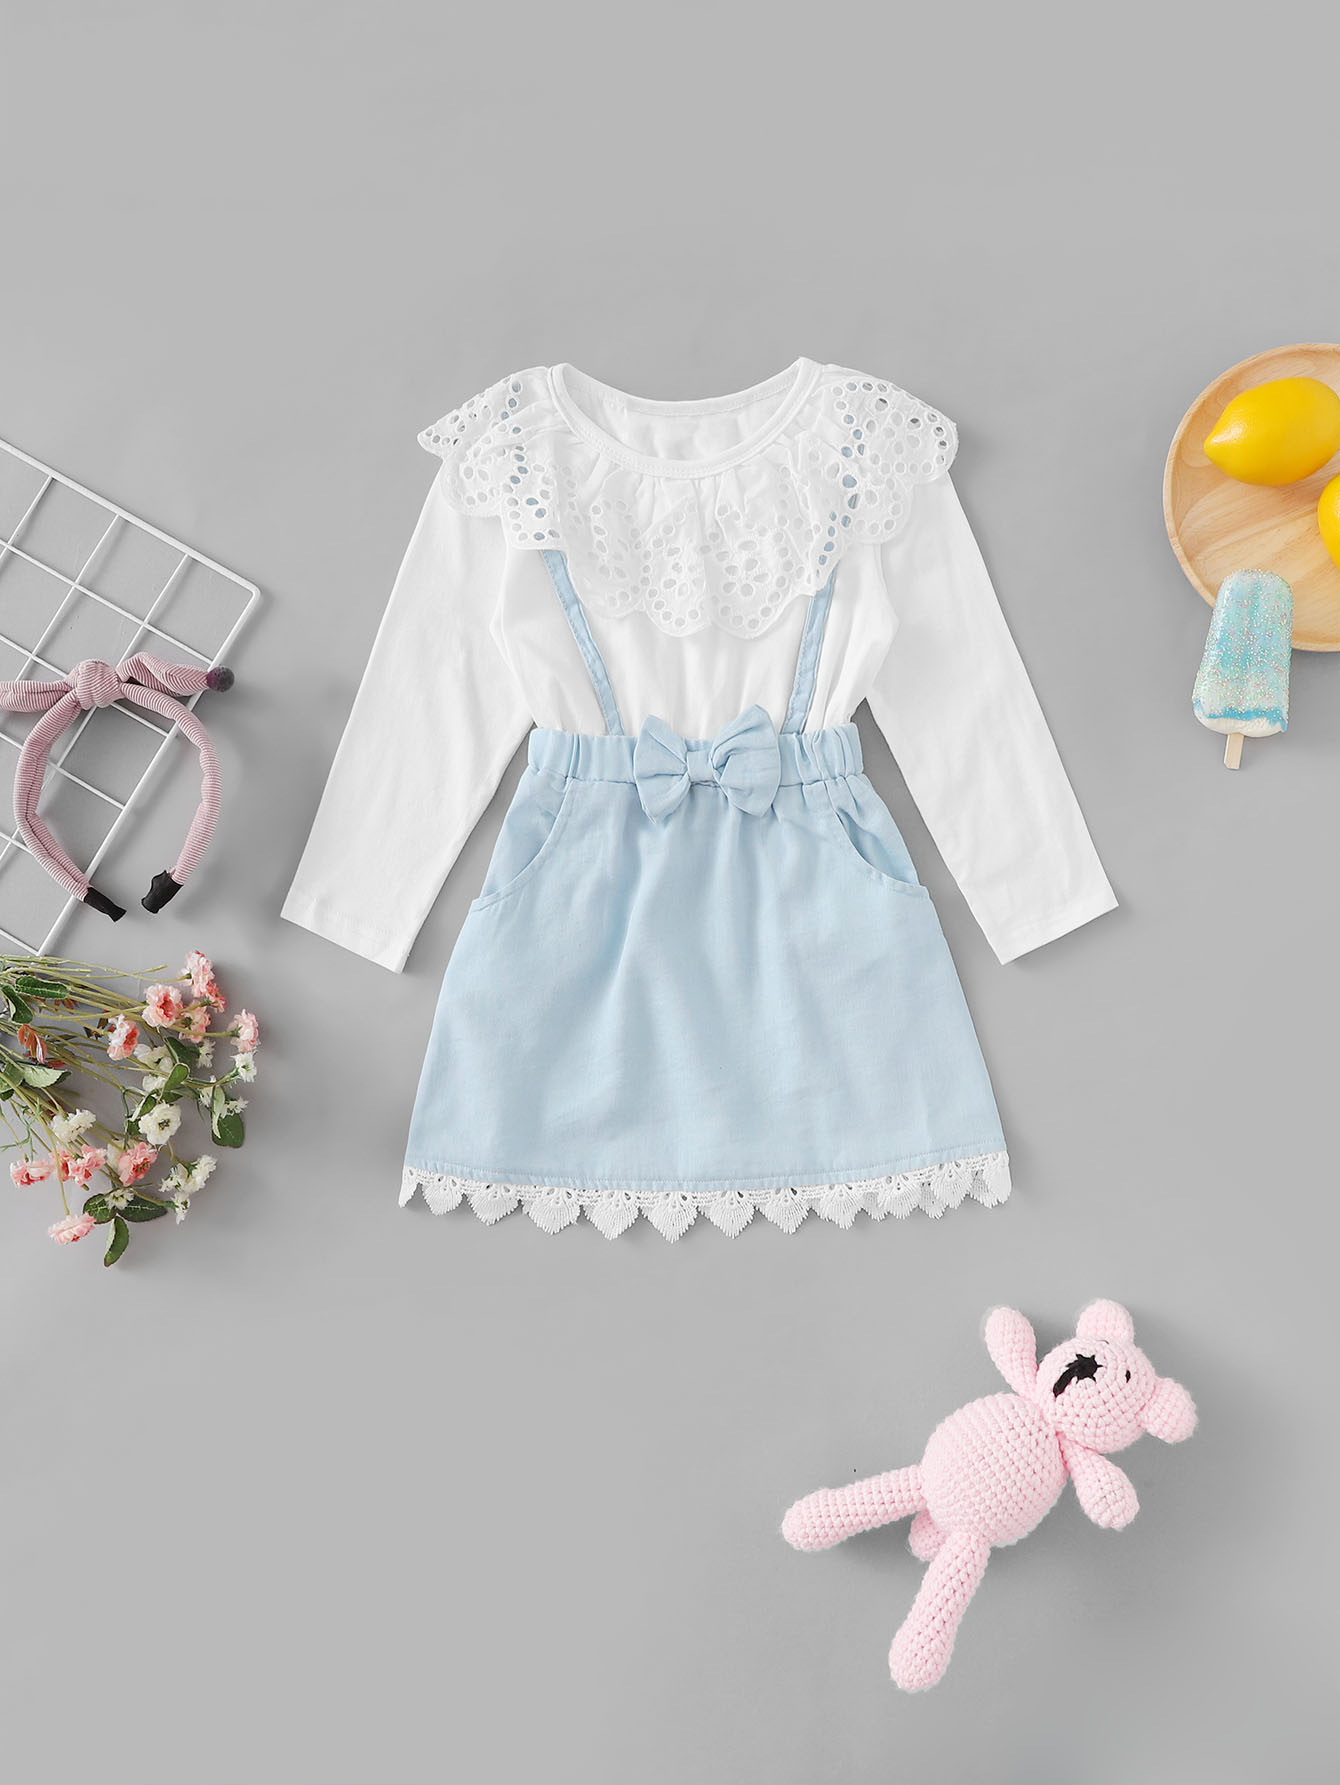 Купить 2 в 1 платье с вышивкой и кружевными оборками для девочки, null, SheIn